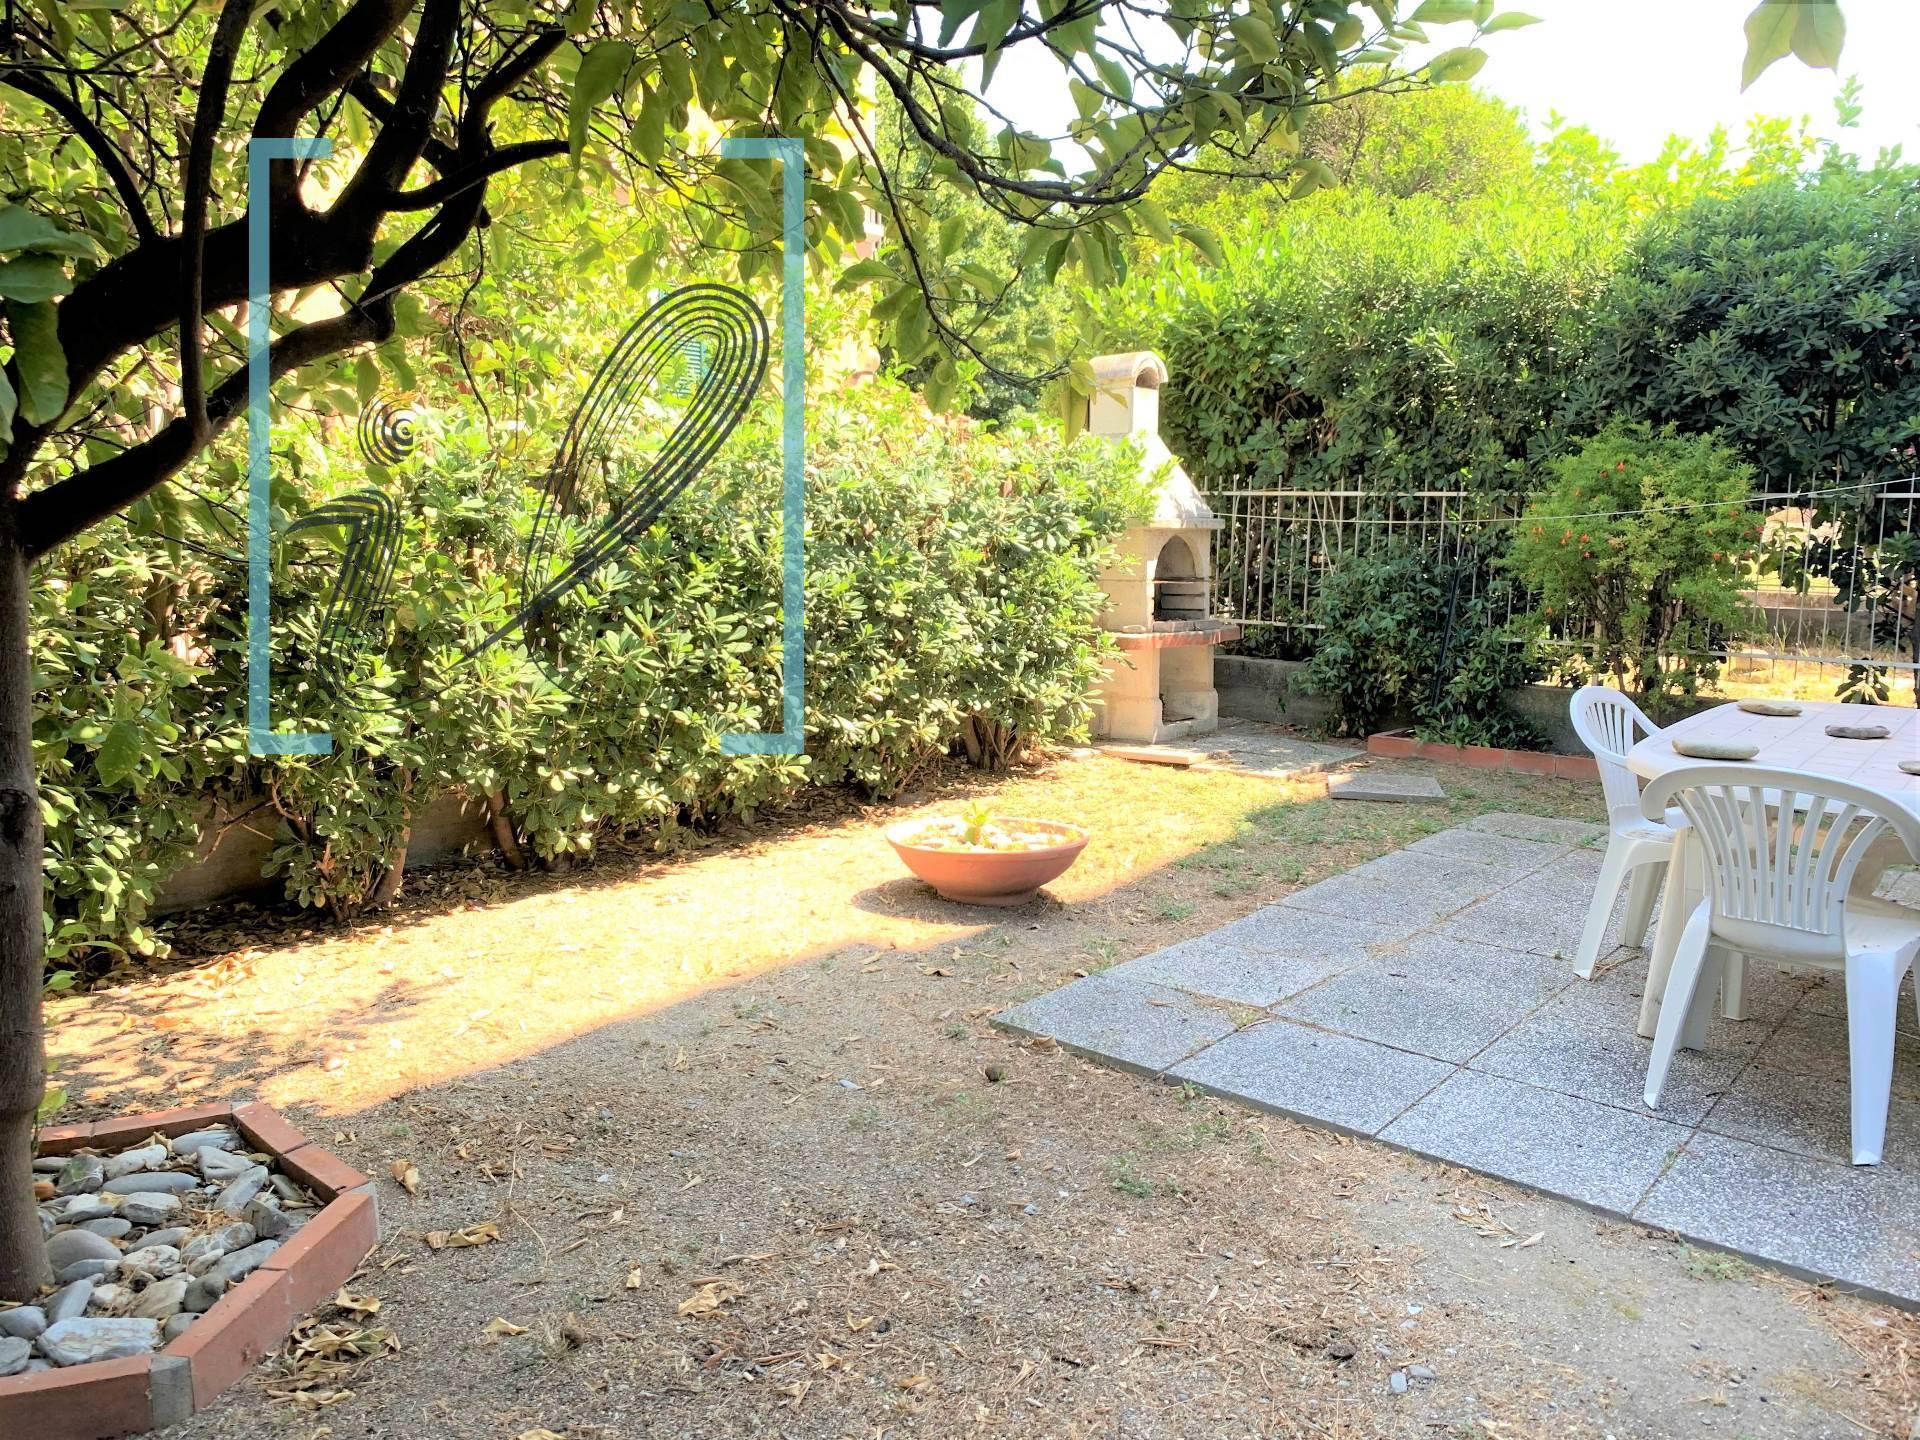 Appartamento in vendita a Albenga, 2 locali, prezzo € 150.000 | PortaleAgenzieImmobiliari.it